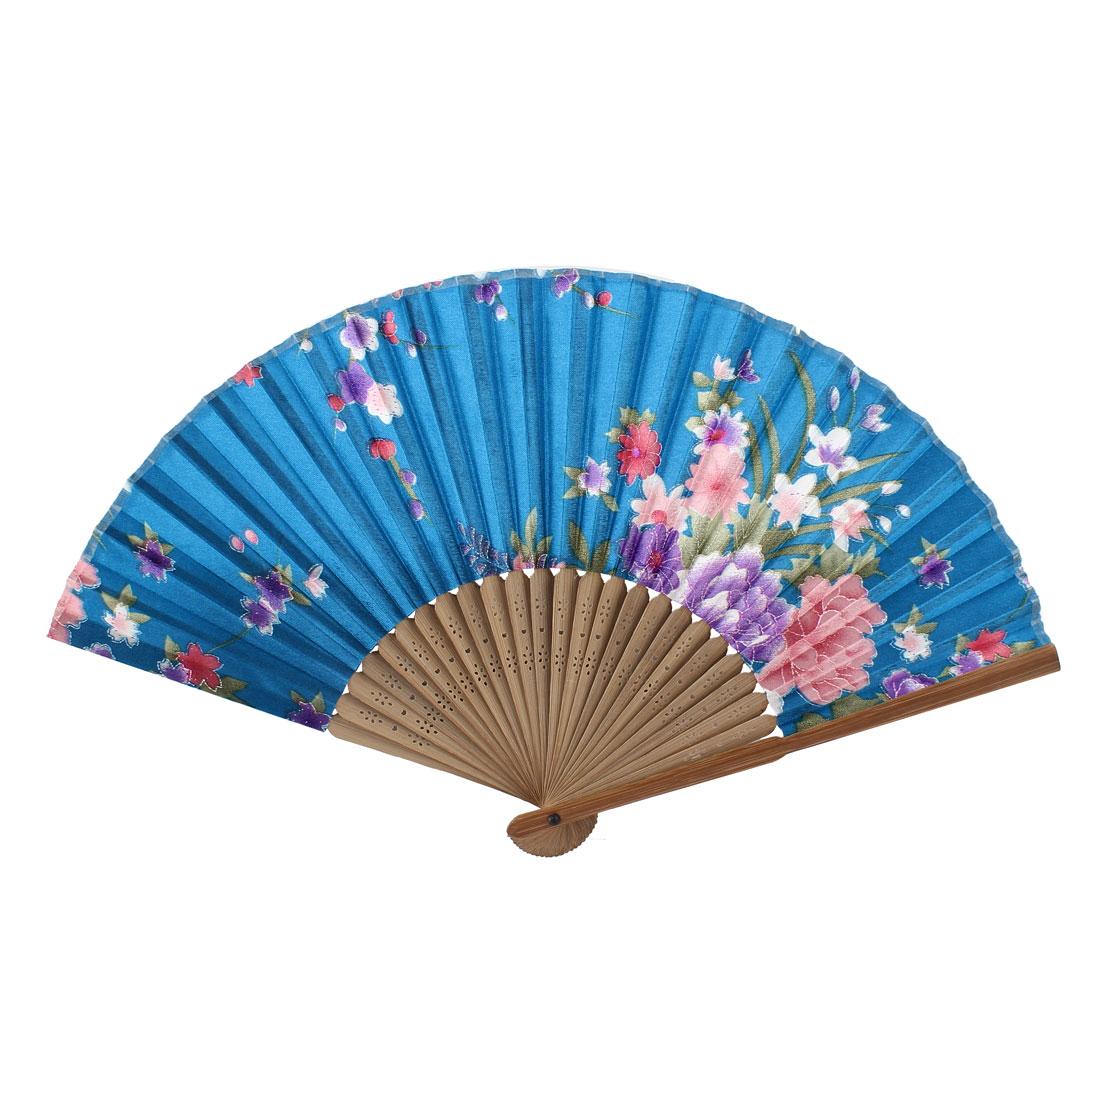 Teal Beige Bamboo Ribs Flower Pattern Foldable Hand Fan